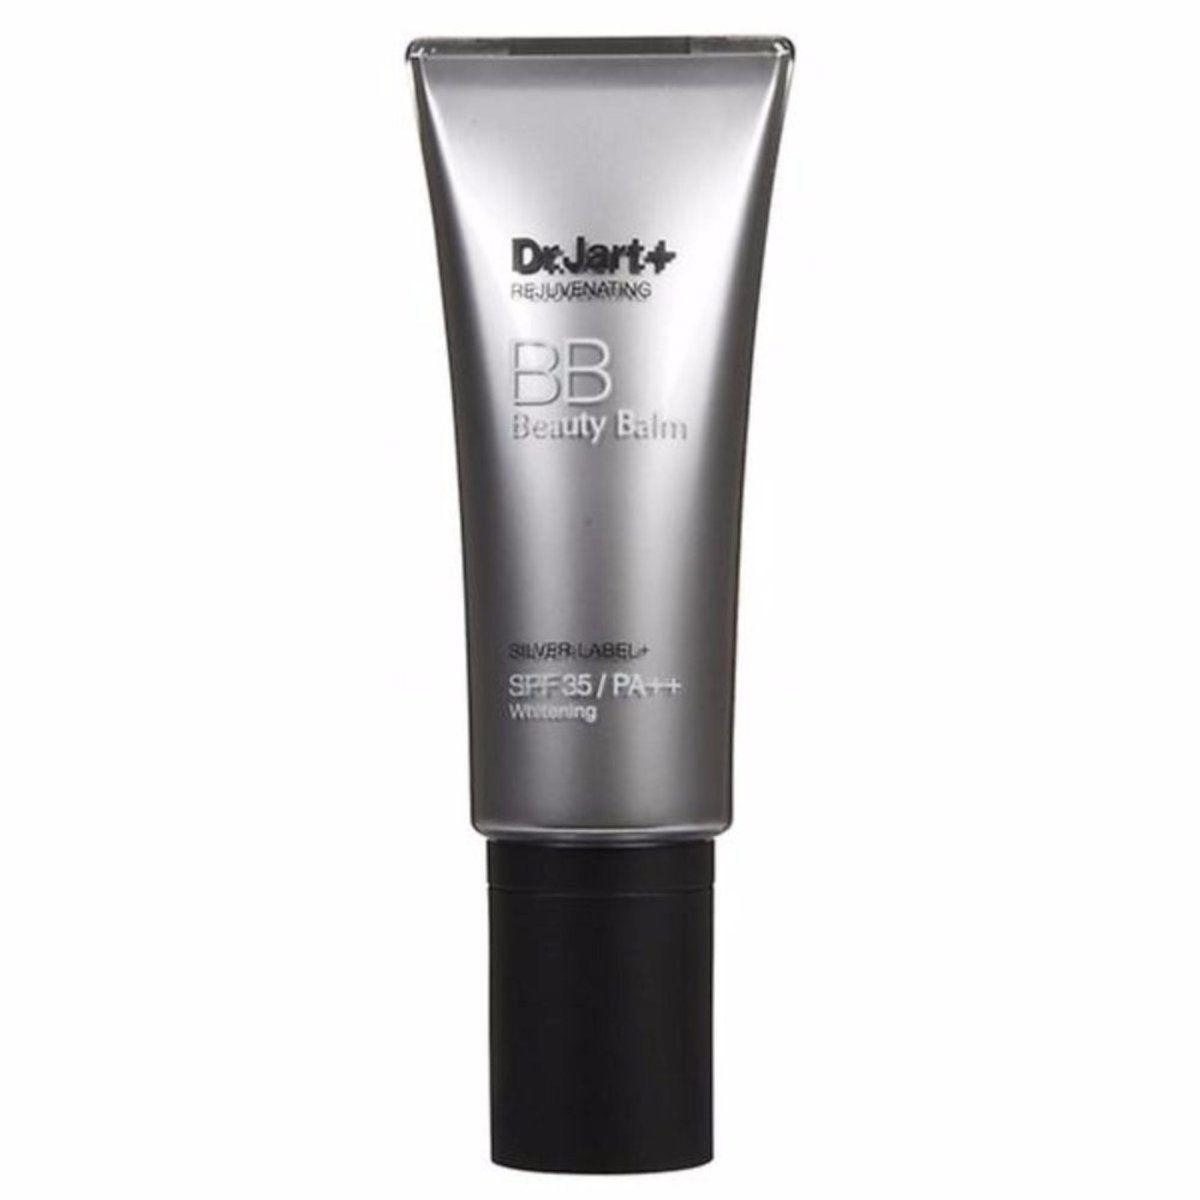 Dr. Jart + Verjüngende BB Creme SPF35 PA + + 40ml Gesicht Make-Up CC Creme Bleaching Concealer Foundation Befeuchten Koreanische kosmetik